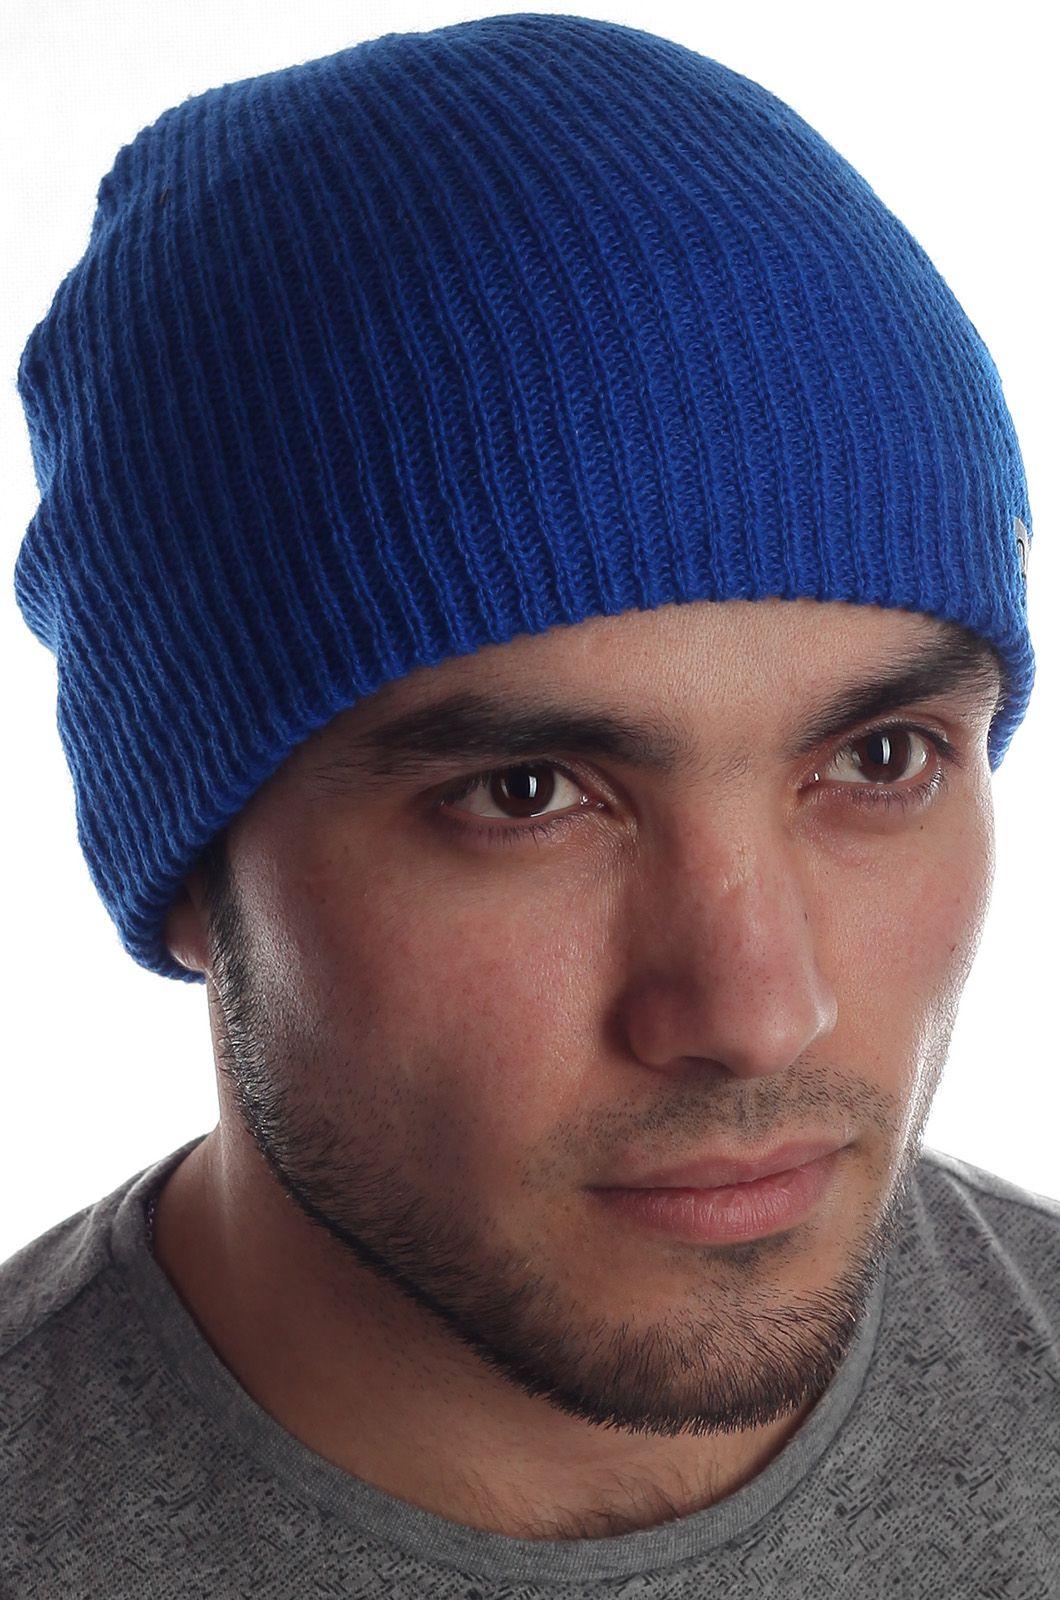 Традиционная универсальная шапка бини Neff стильной модели